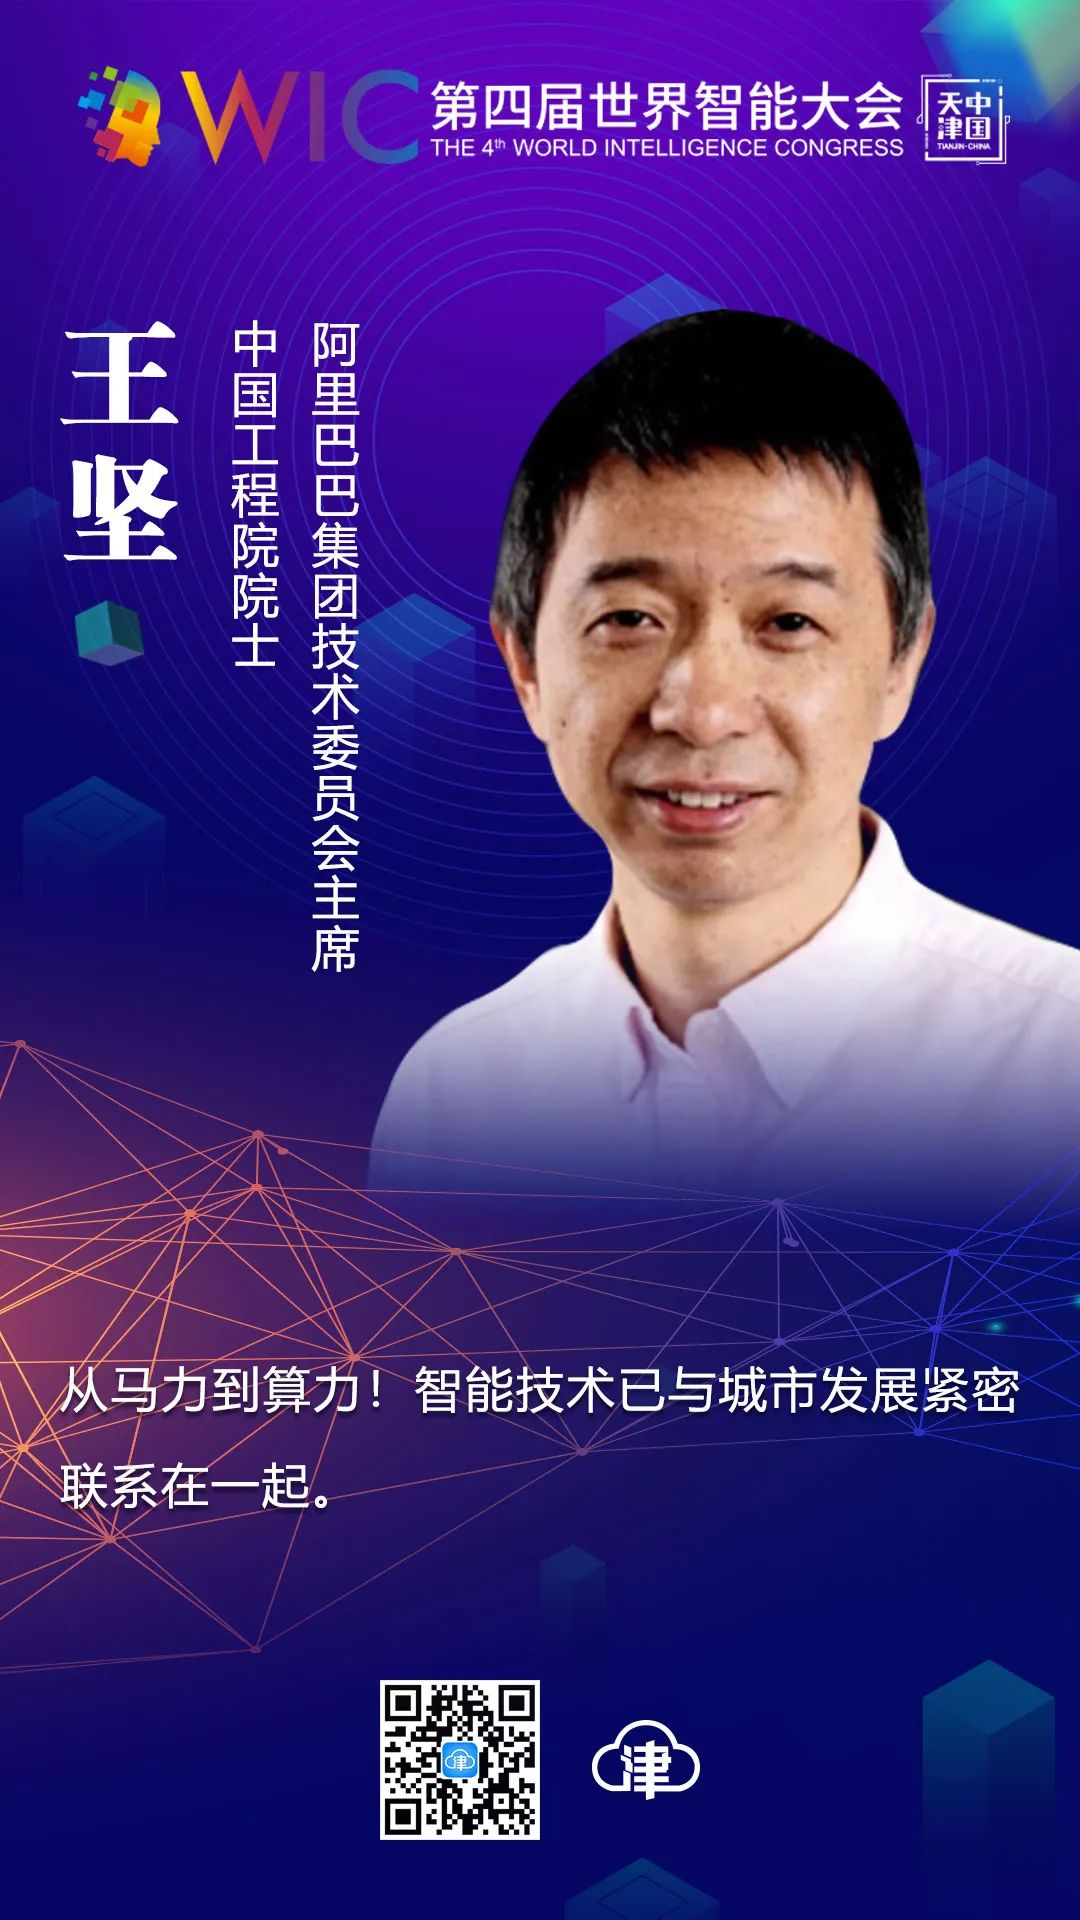 中国工程院院士王坚:让智能技术为社会产生更高的价值